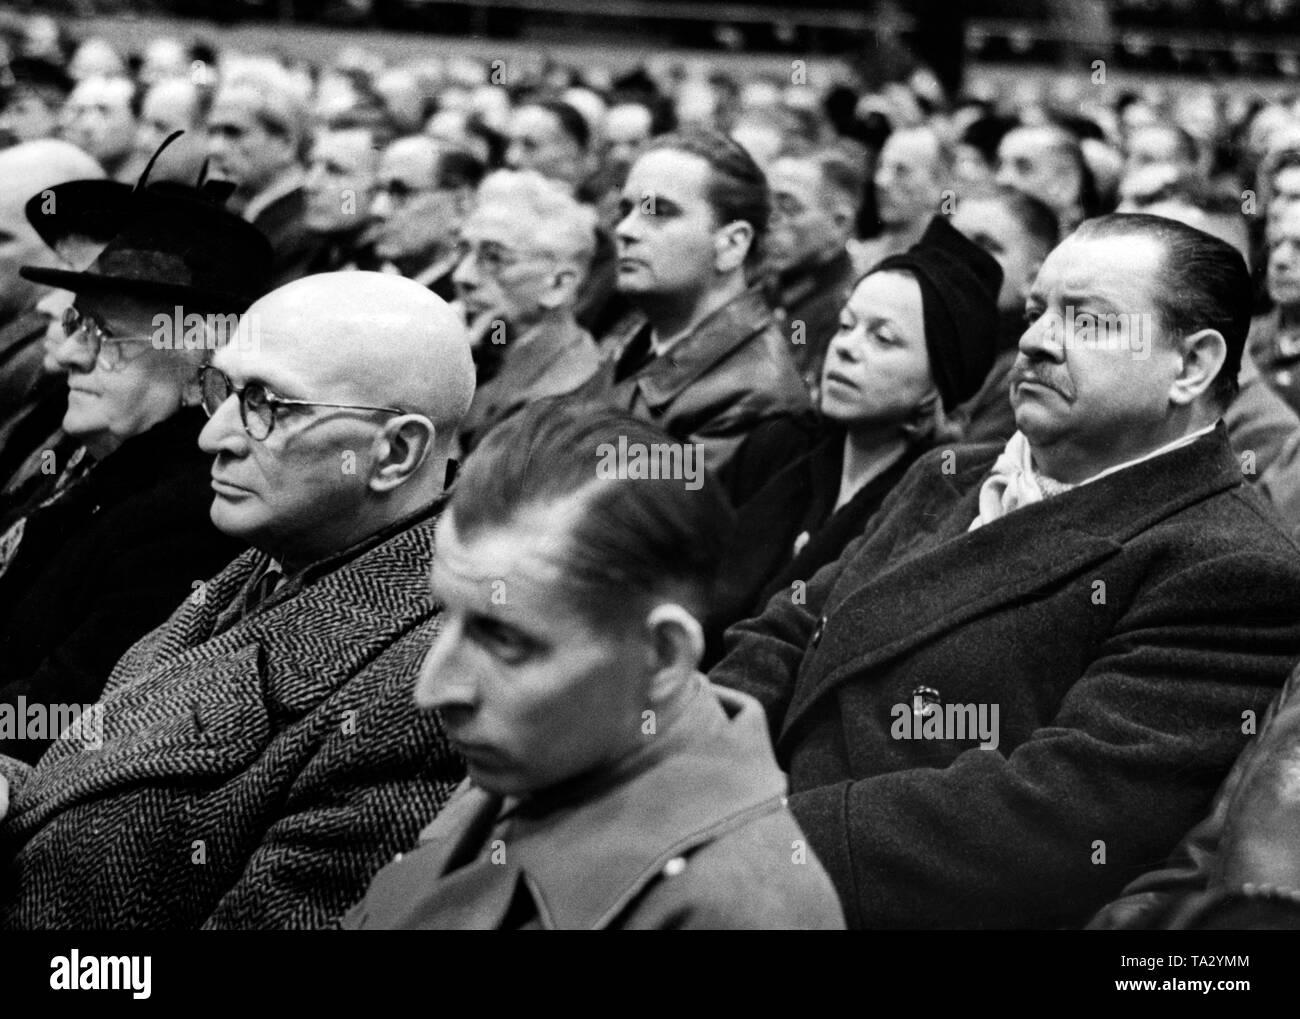 """Reichspropagagndaminister Josef Goebbels fordert ein """"Totaler Krieg"""" im Sportpalast in Berlin. Die Veranstaltung wurde von Invaliden von der Ostfront sorgte, Rüstung Arbeiter aus Berlin tank Fabriken, die Mitglieder der Partei, der Wehrmacht Soldaten, Ärzte, Wissenschaftler, Künstler, Architekten, Lehrer, Beamte, beschäftigte. Foto: Schwan Stockbild"""